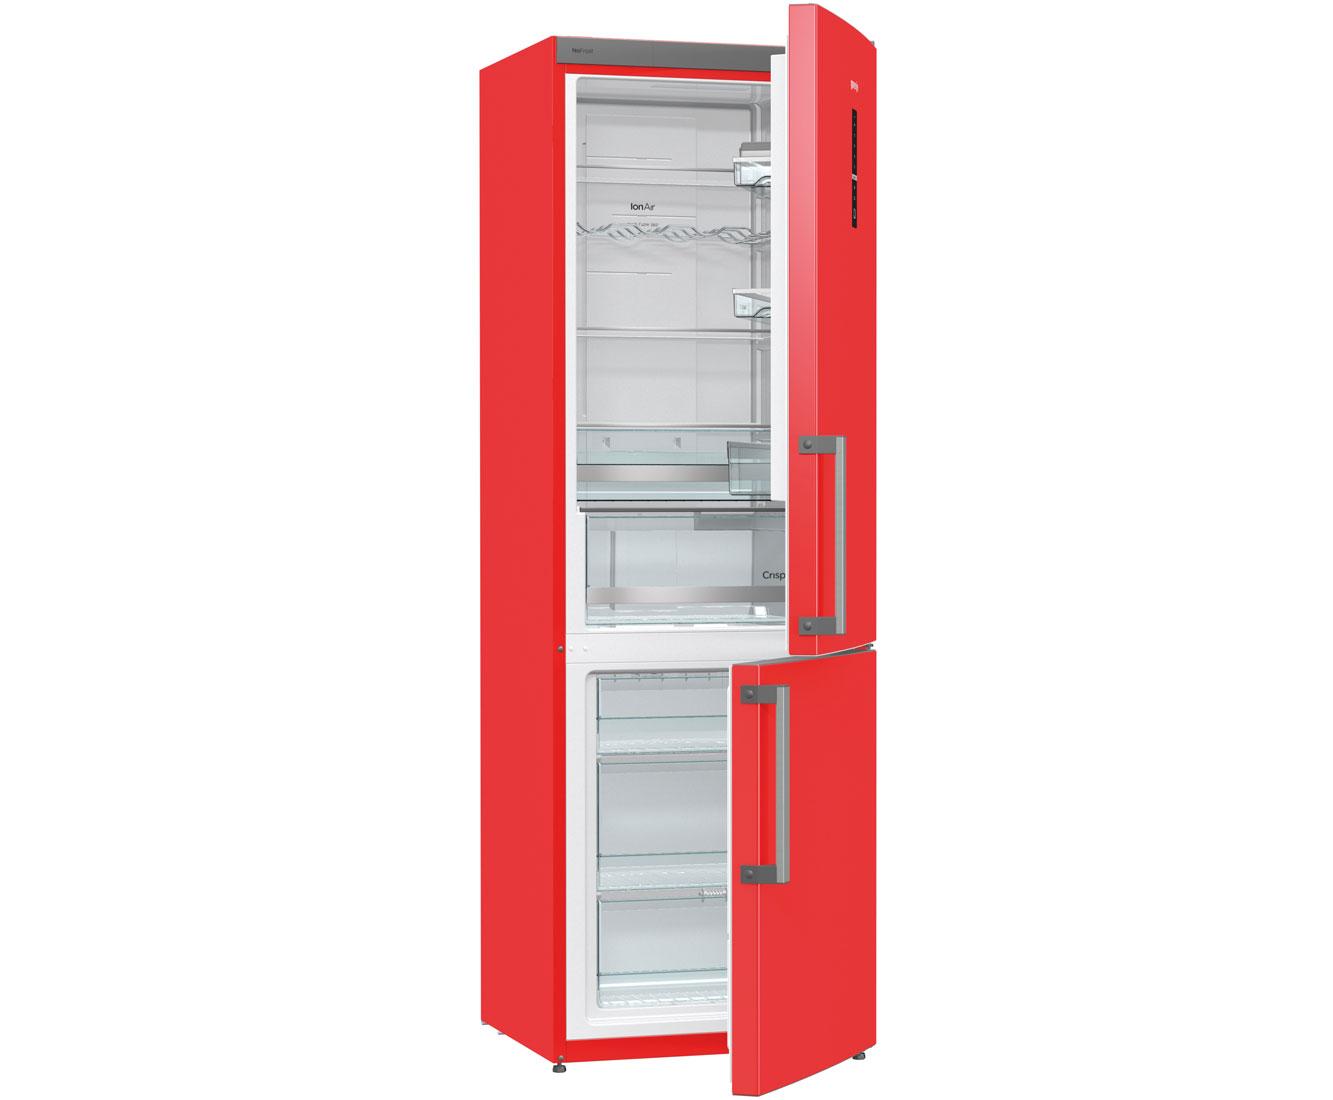 Gorenje Kühlschrank Lichtschalter : Kühl gefrierkombis online kaufen möbel suchmaschine ladendirekt.de